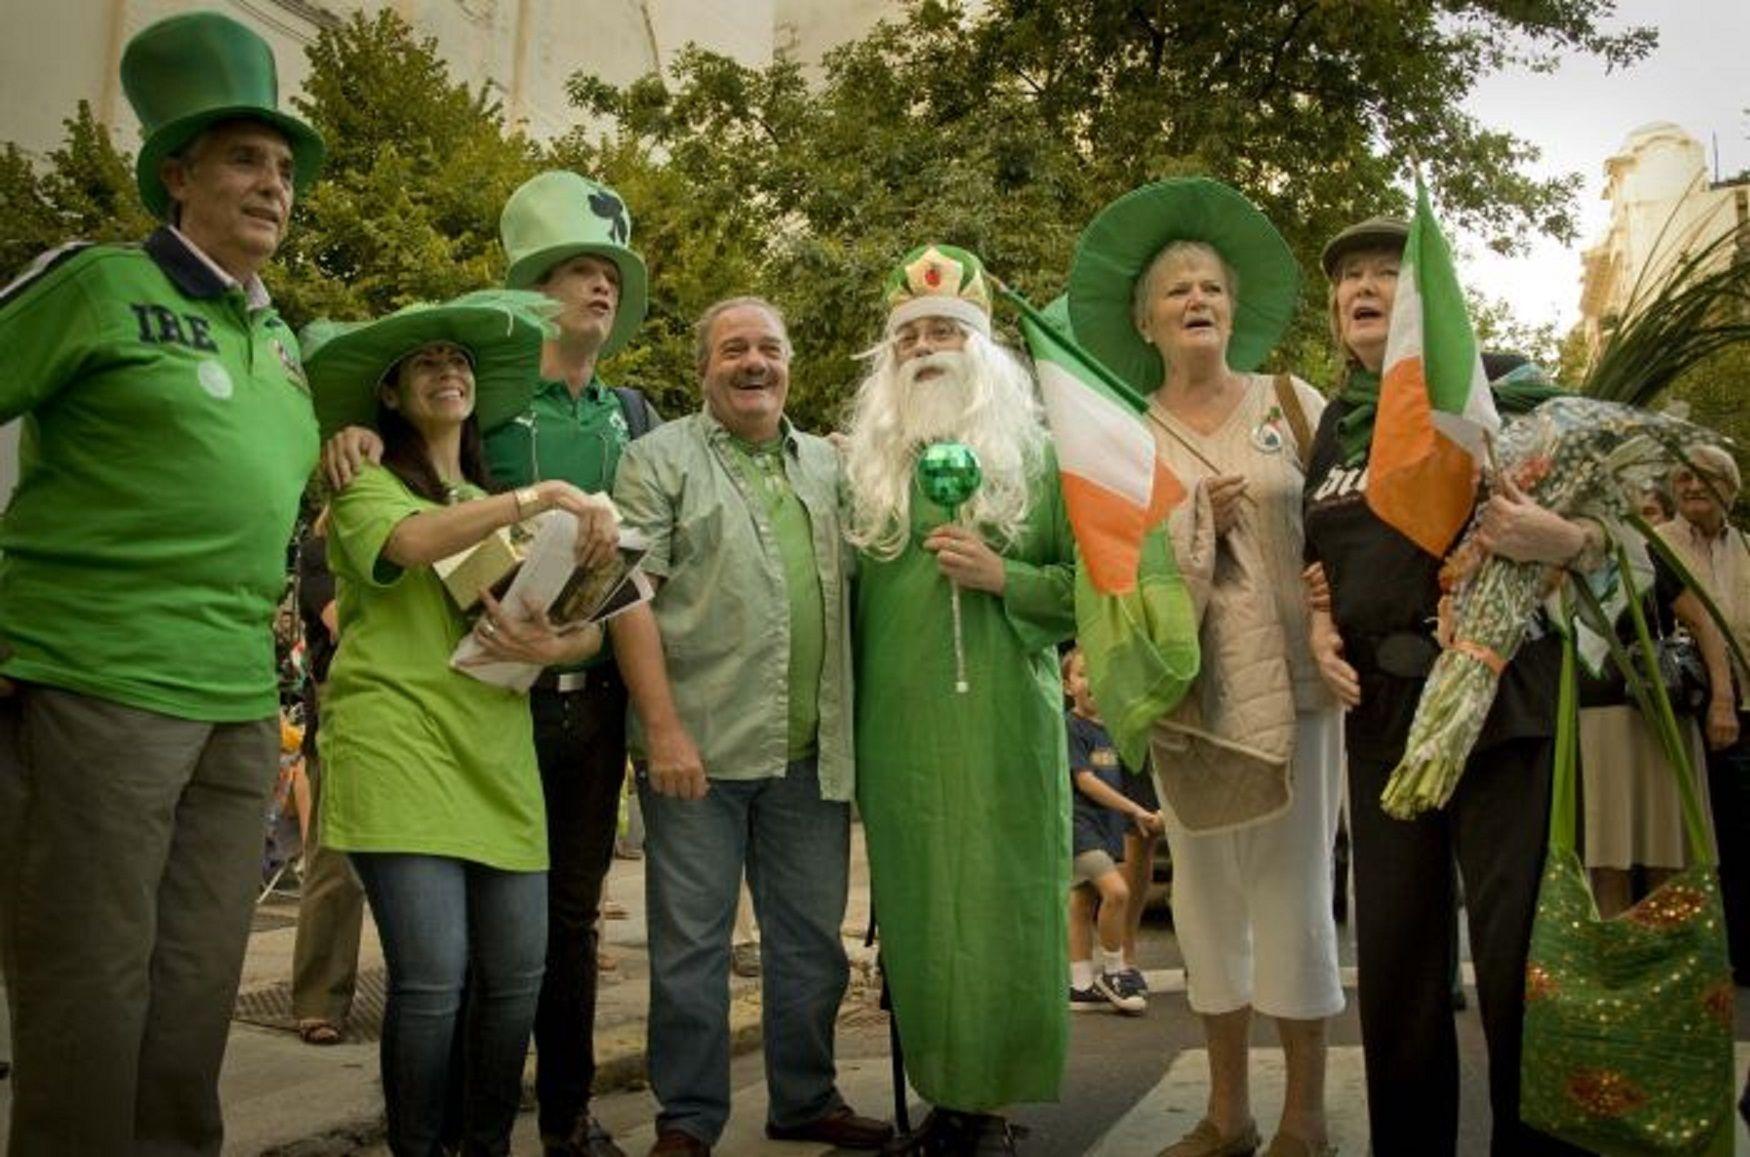 Día de San Patricio: por qué se celebra y dónde festejar en Buenos Aires